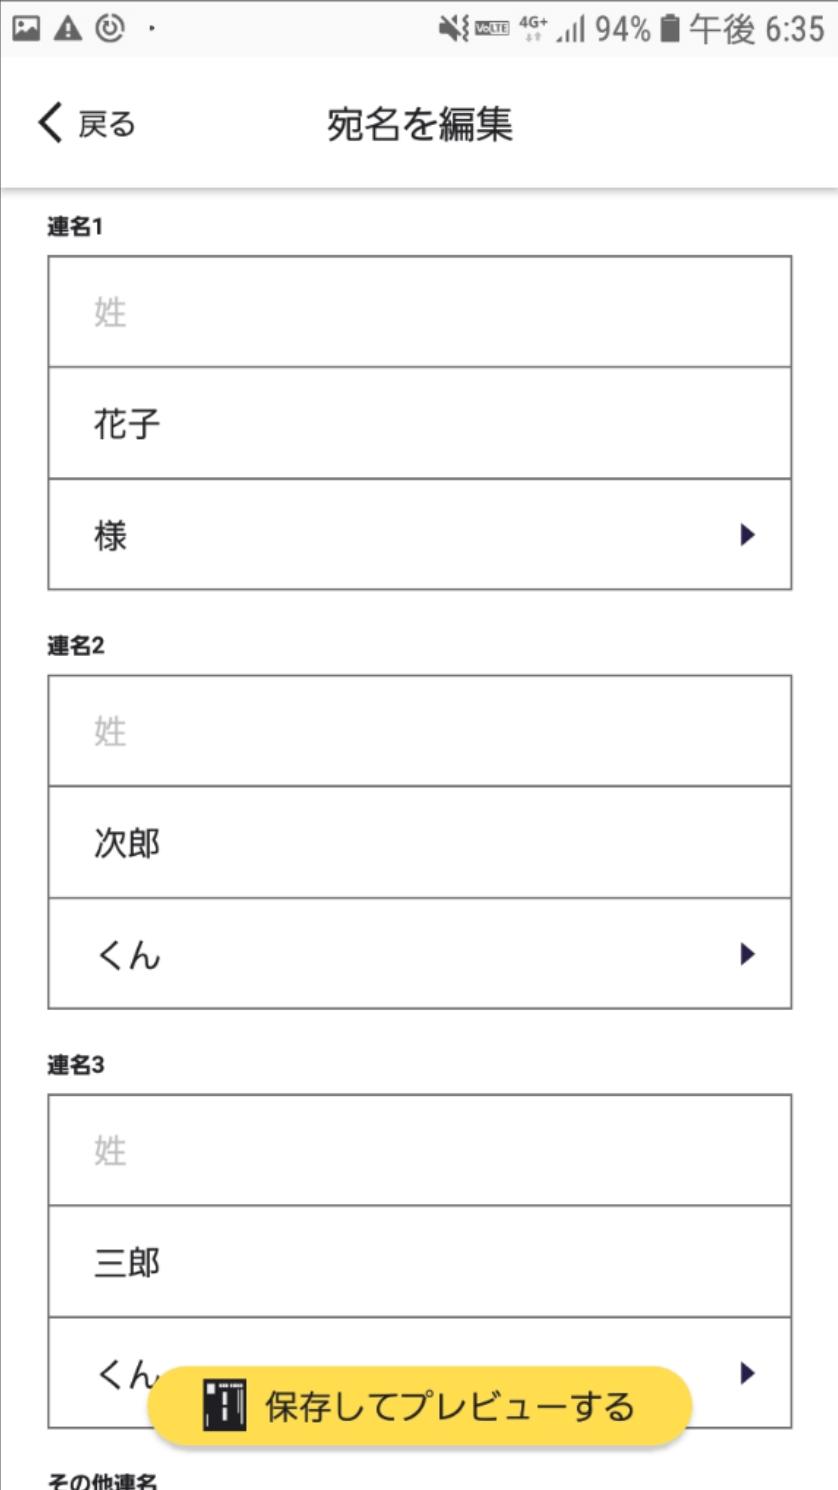 連名の入れ方 個人向け 1~4名 スマホアプリ